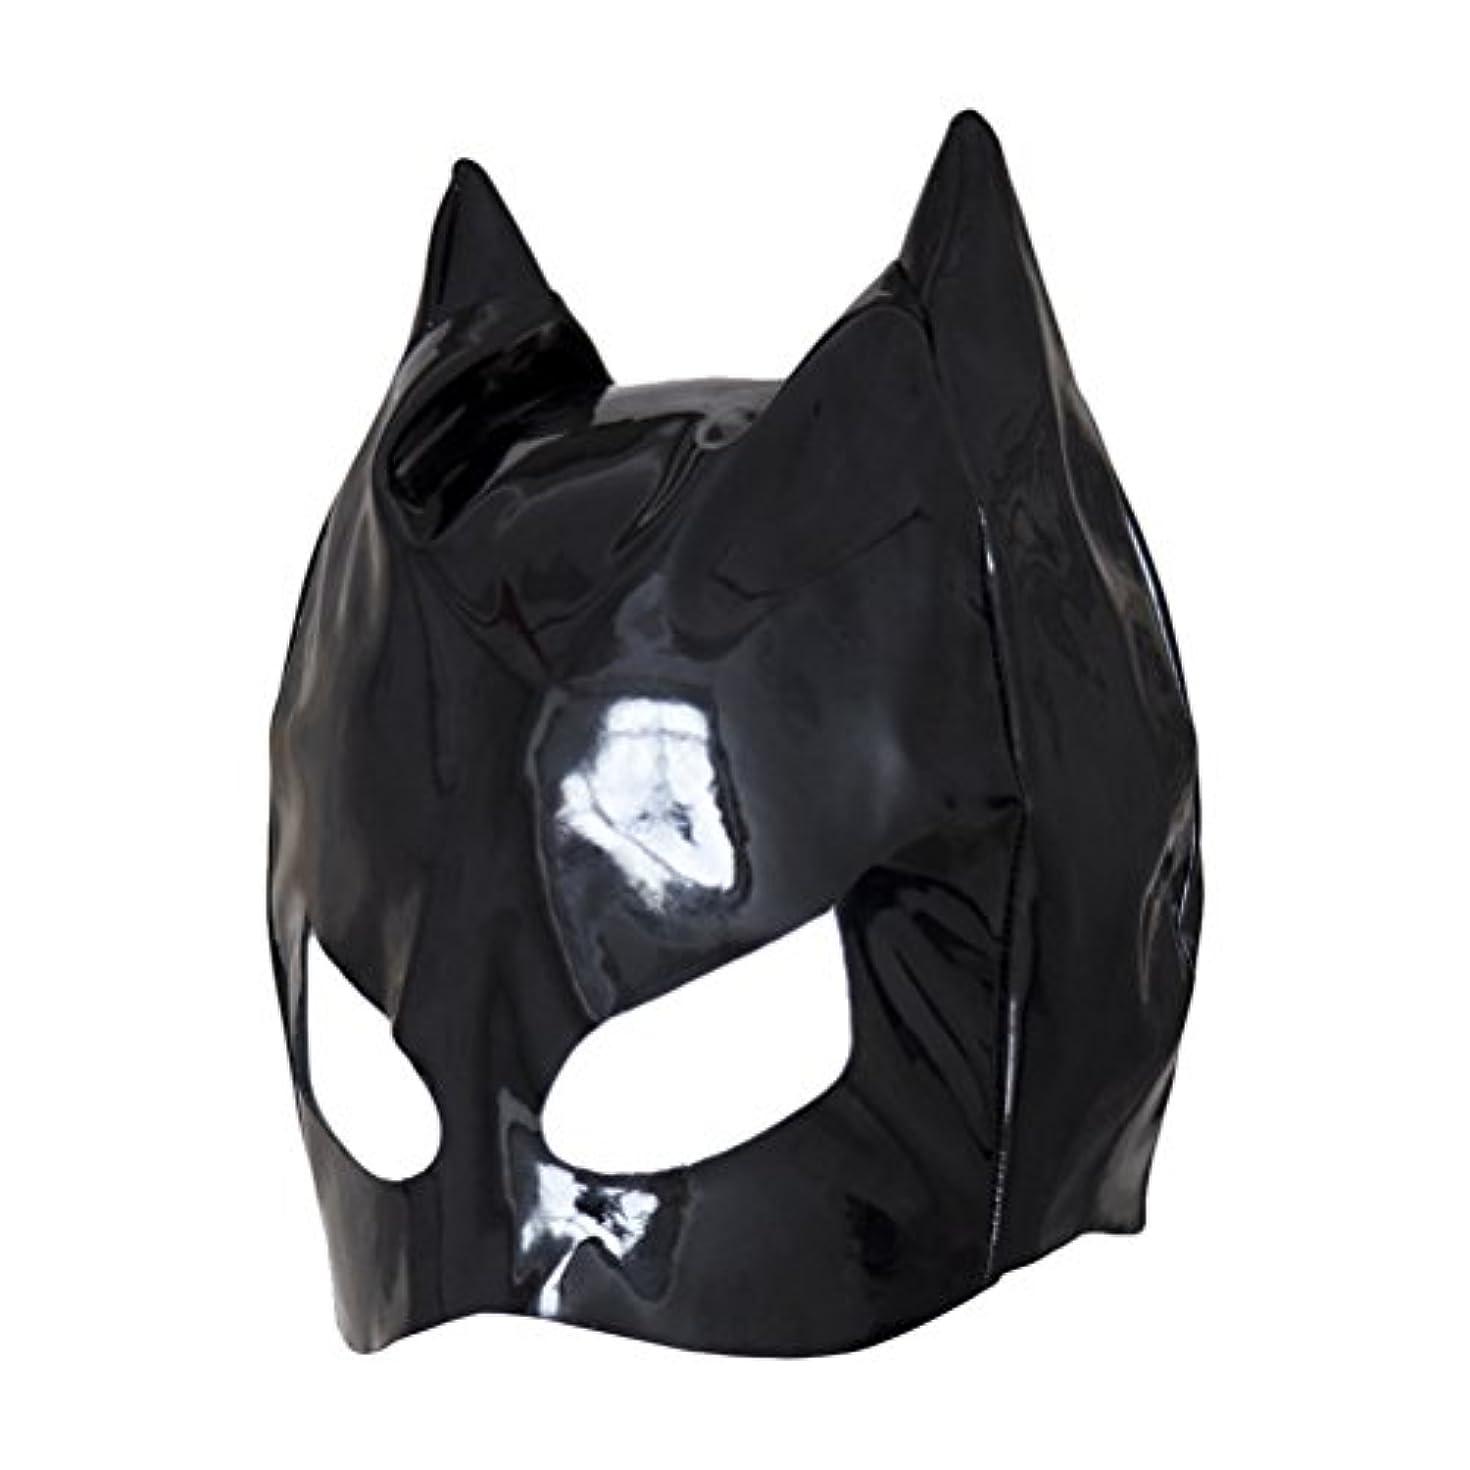 シャー電池被害者Healifty 全頭マスク フェイスカバー オープンアイズ PUレザーフード コスプレ 衣装帽子 ユニセックス (ブラック)